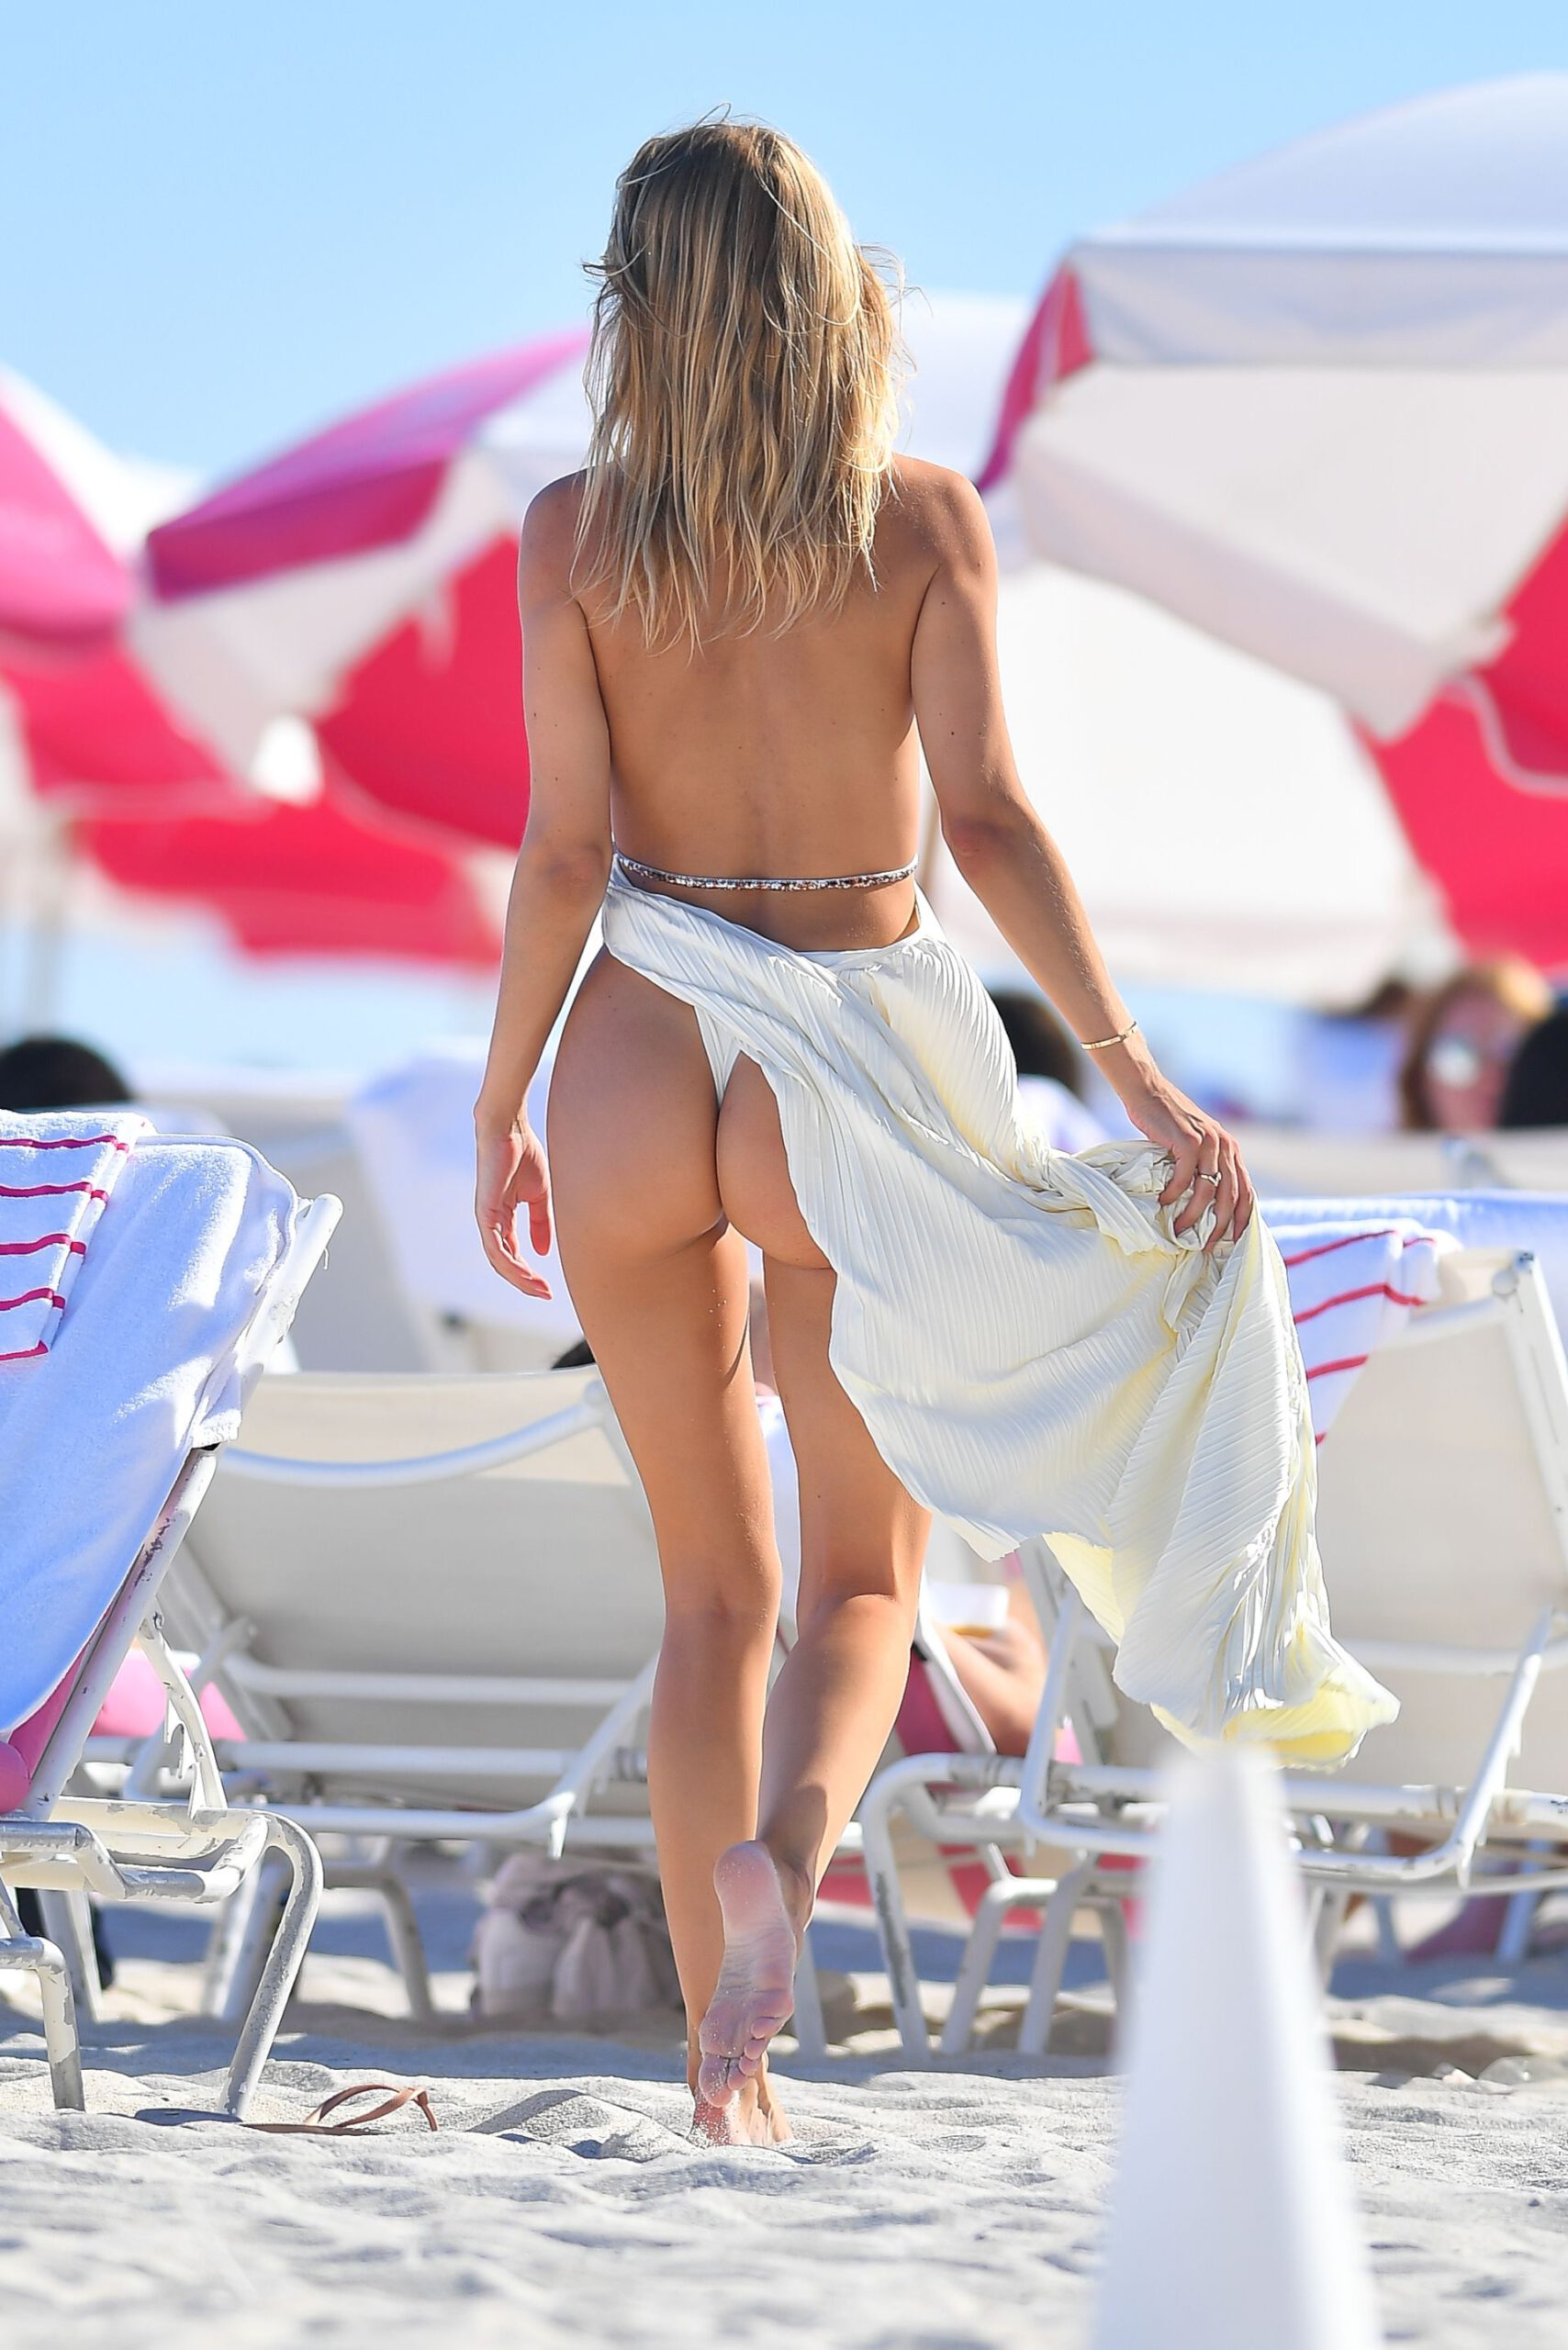 Kimberley Garner Perfect Ass